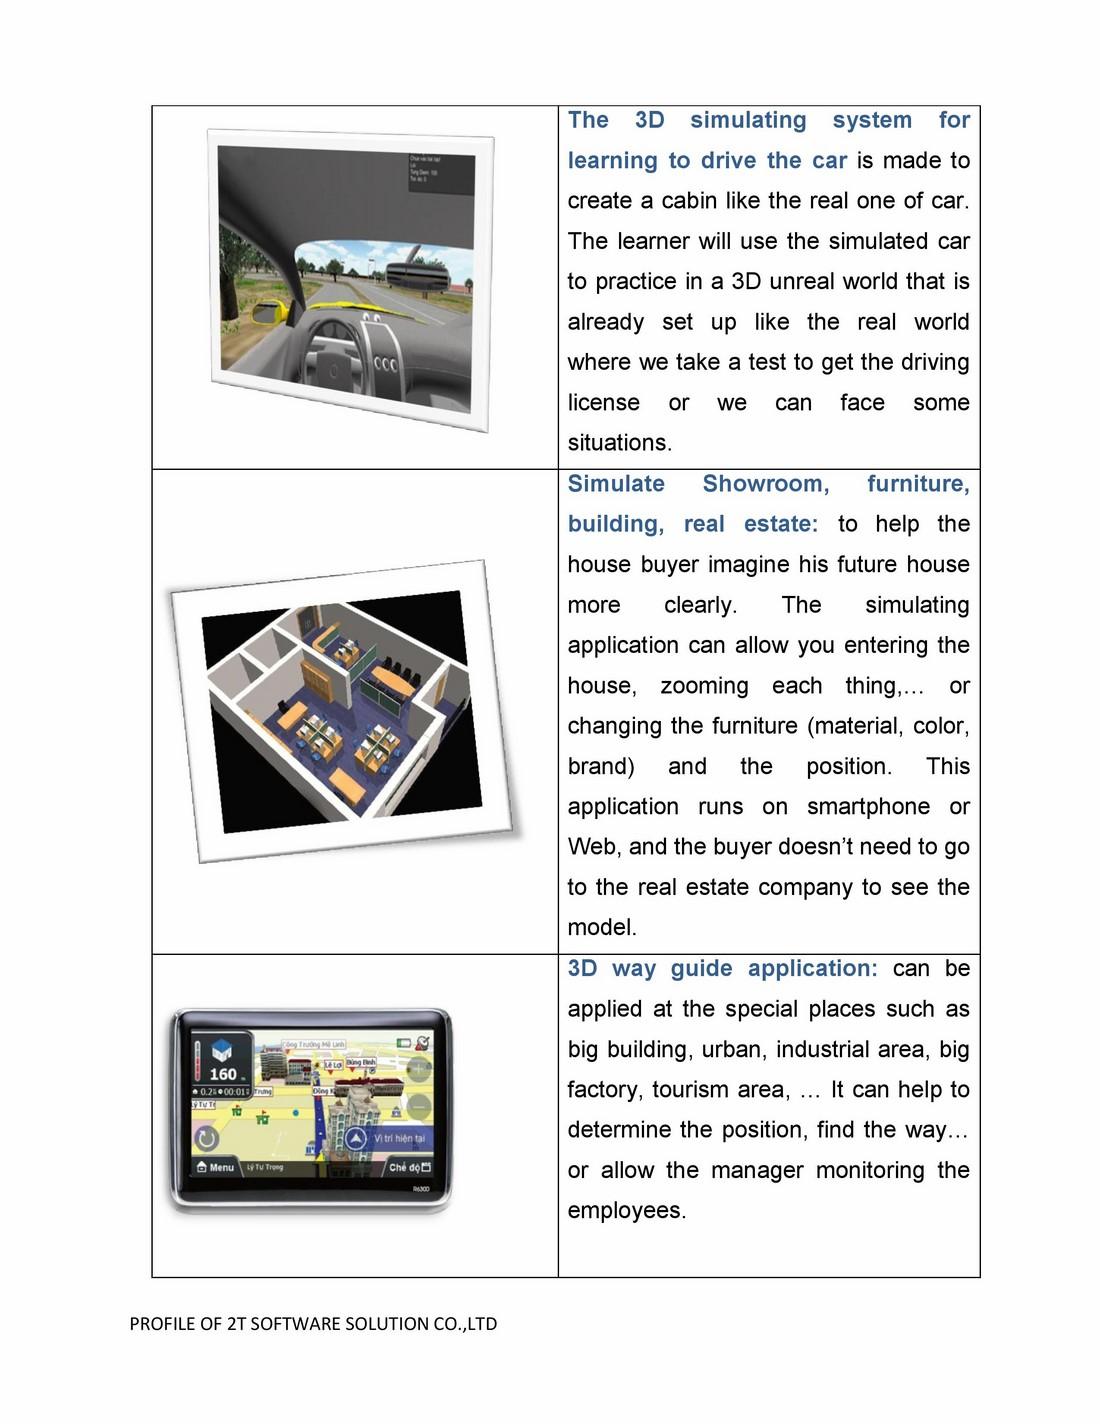 2TS Profile_eng-page-019 (Copy)